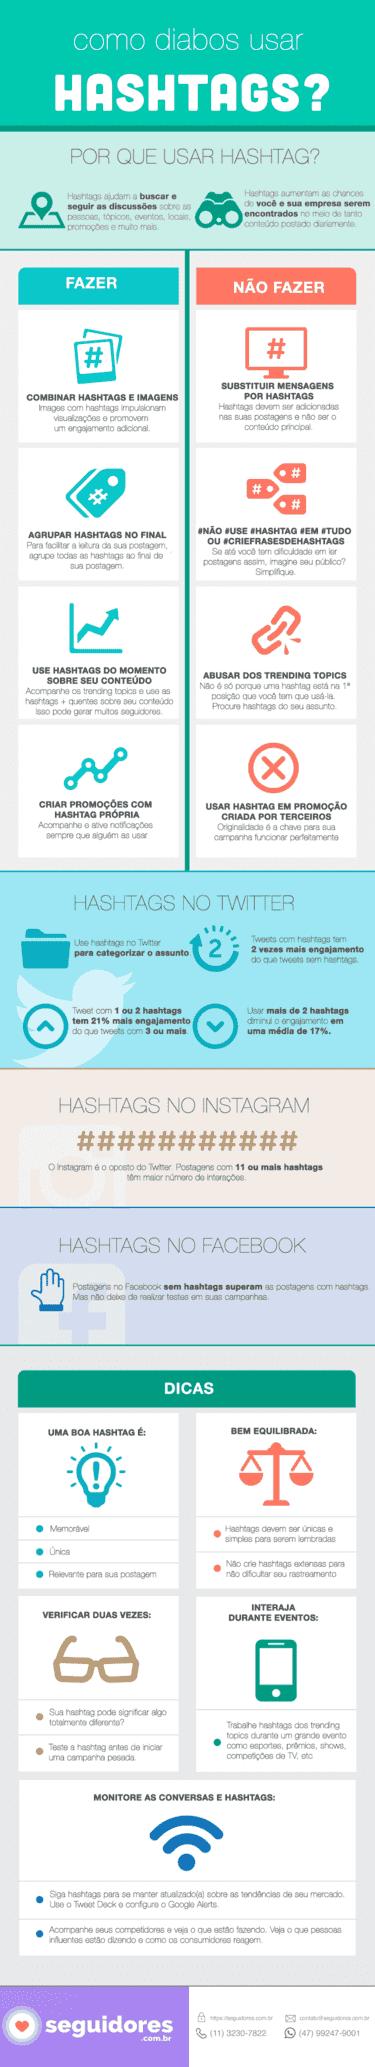 Aumentar alcance postagens usando hashtags nas redes sociais